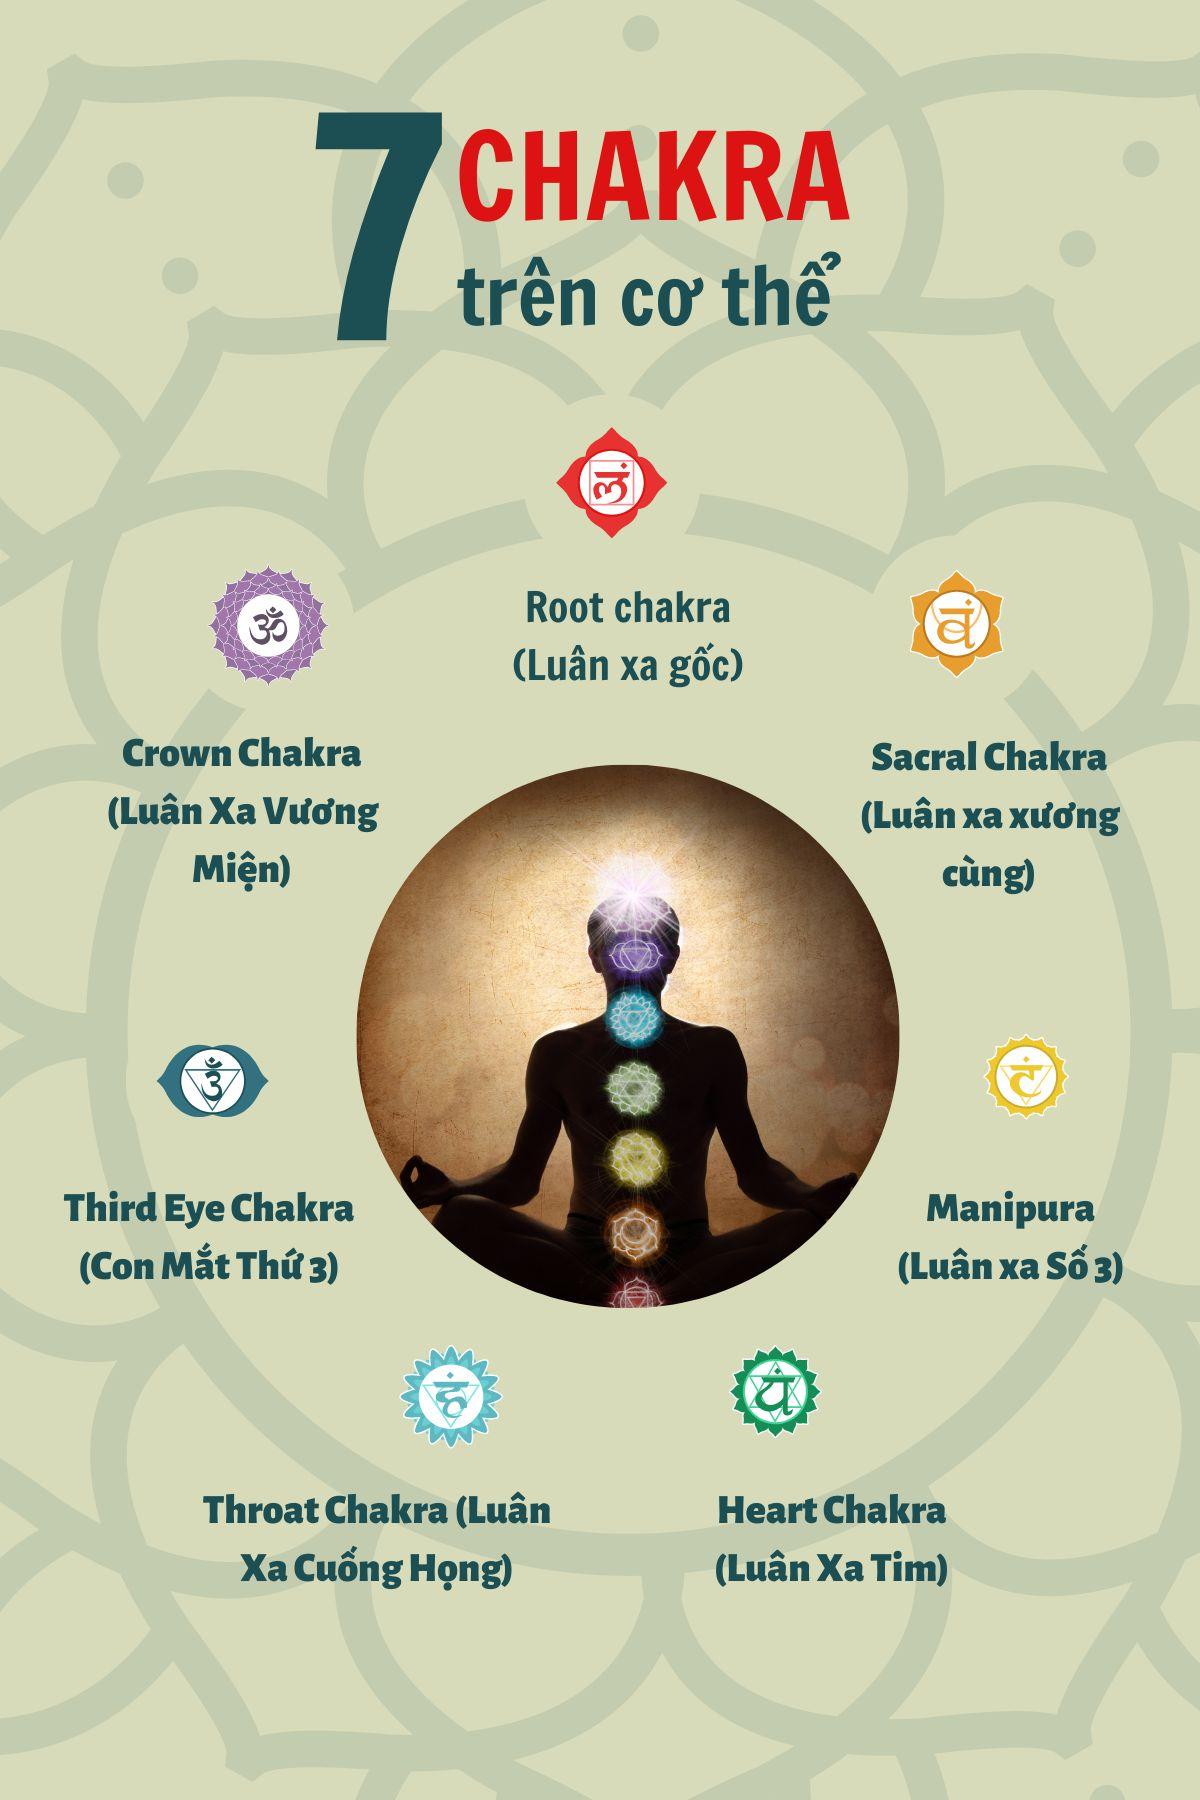 Chakra là gì ? Tầm quan trọng của Chakra đối với con người là như thế nào. Nếu bạn là người tập Yoga chắc hẳn bạn sẽ quan tâm tới khái niệm Chakra. Xin mời...